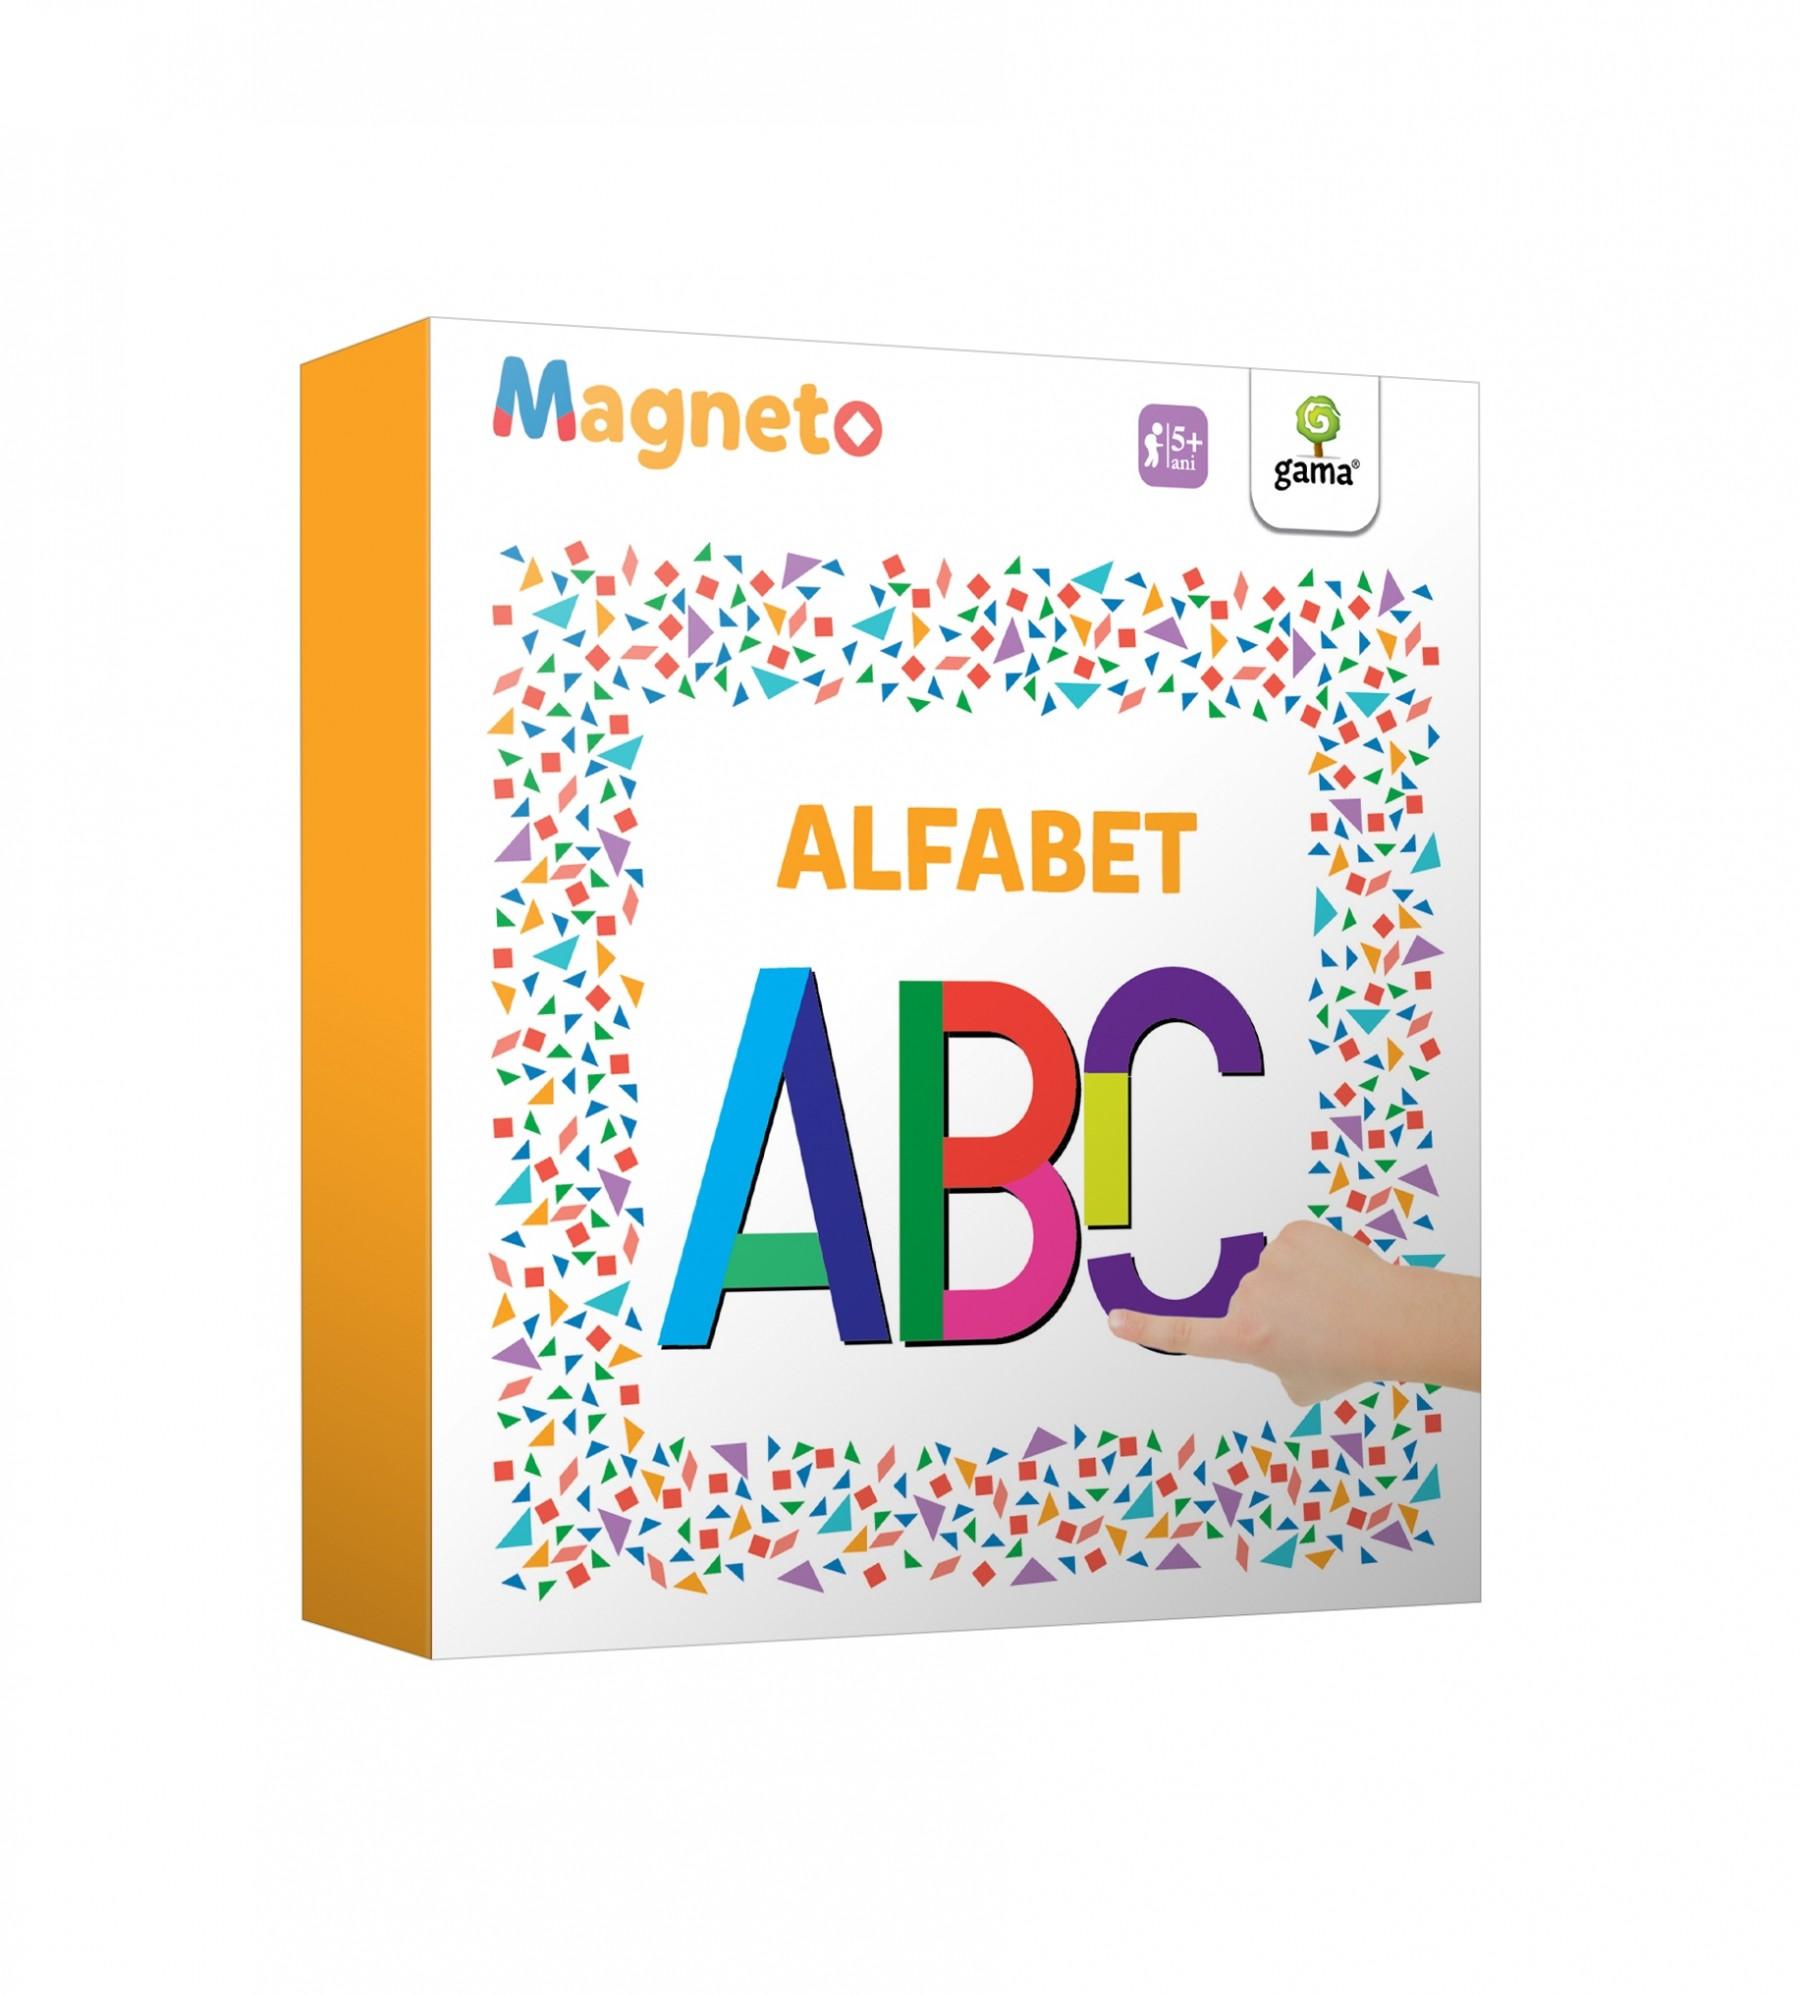 cutie_magneto_alfabet